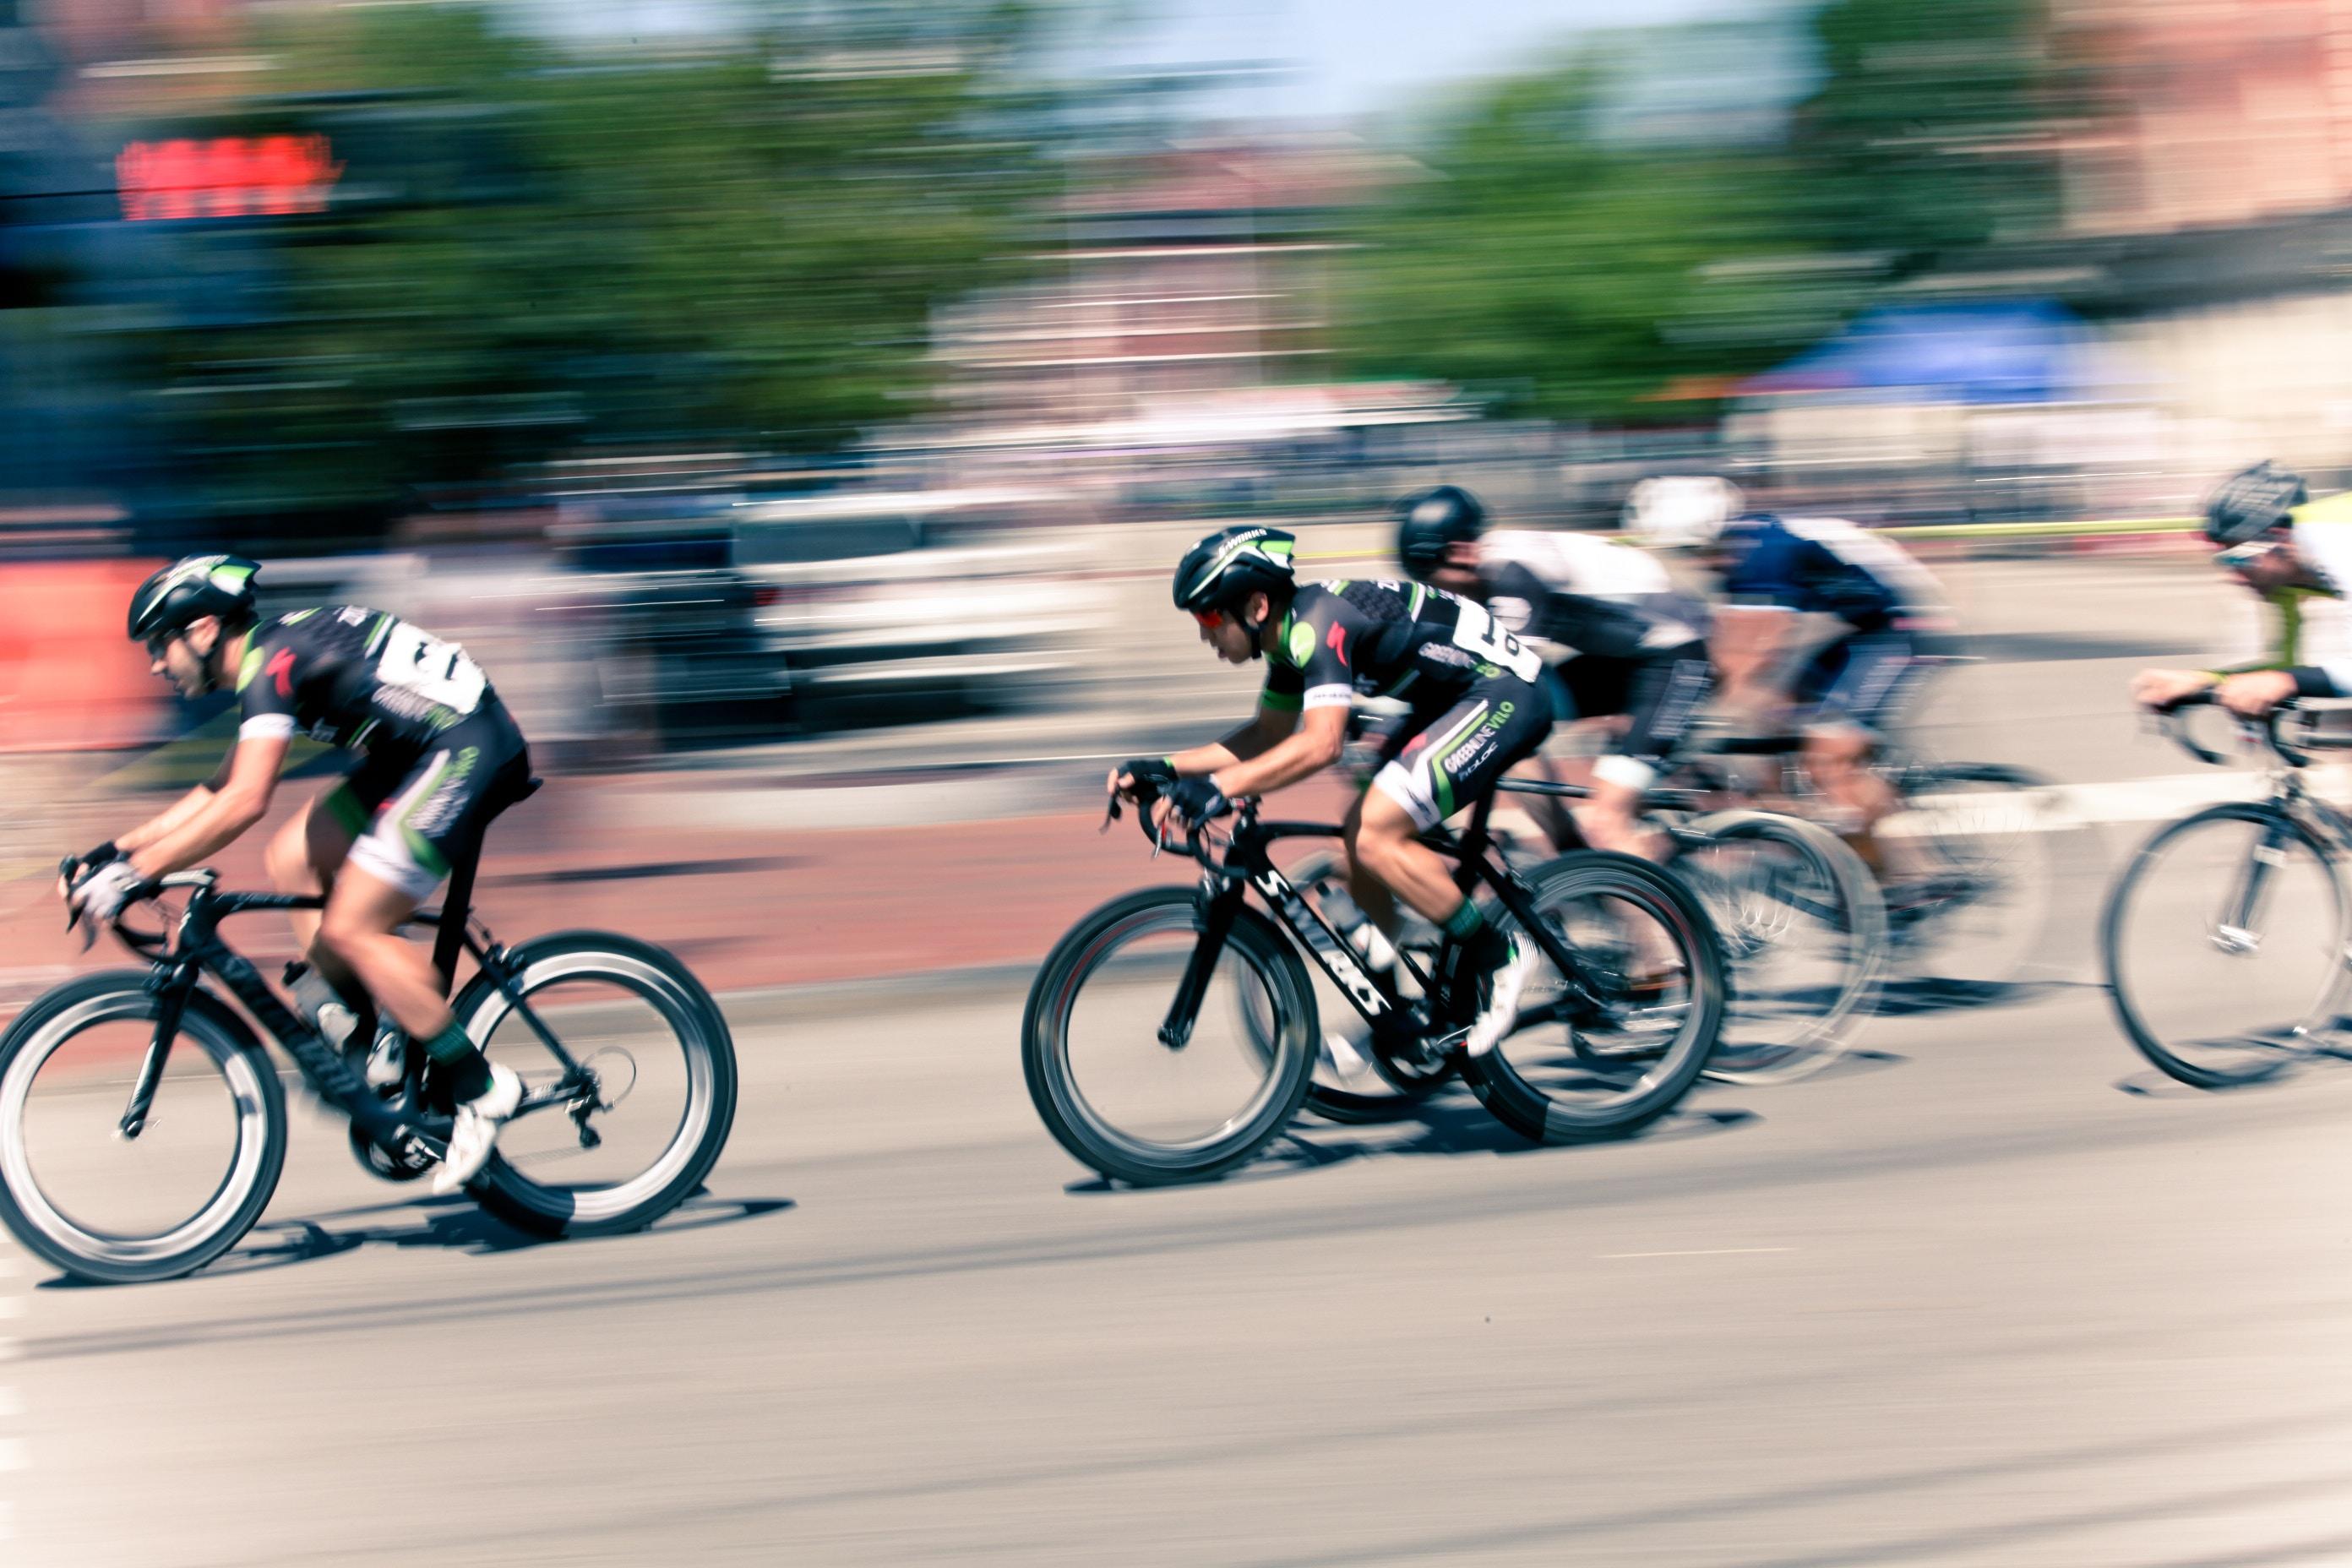 Cyclists, Race